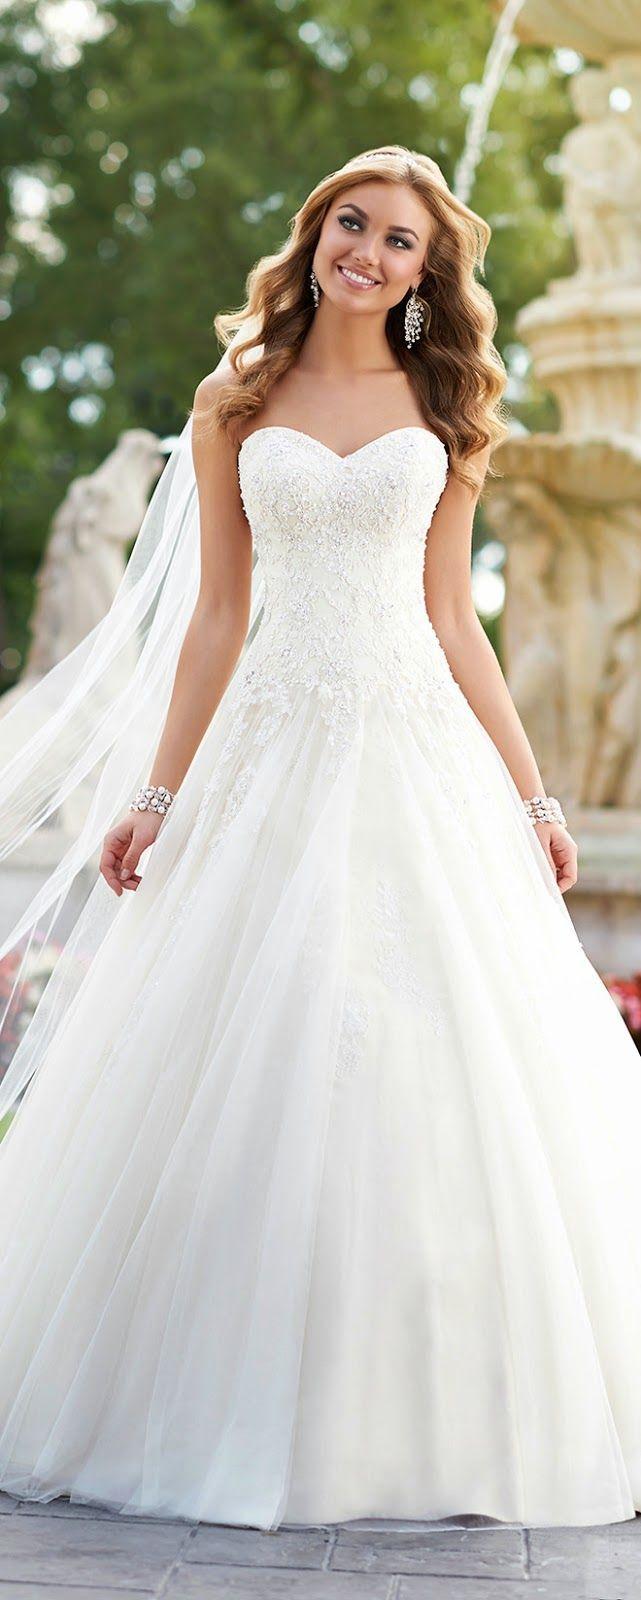 Made by Uss: Casamento   O vestido